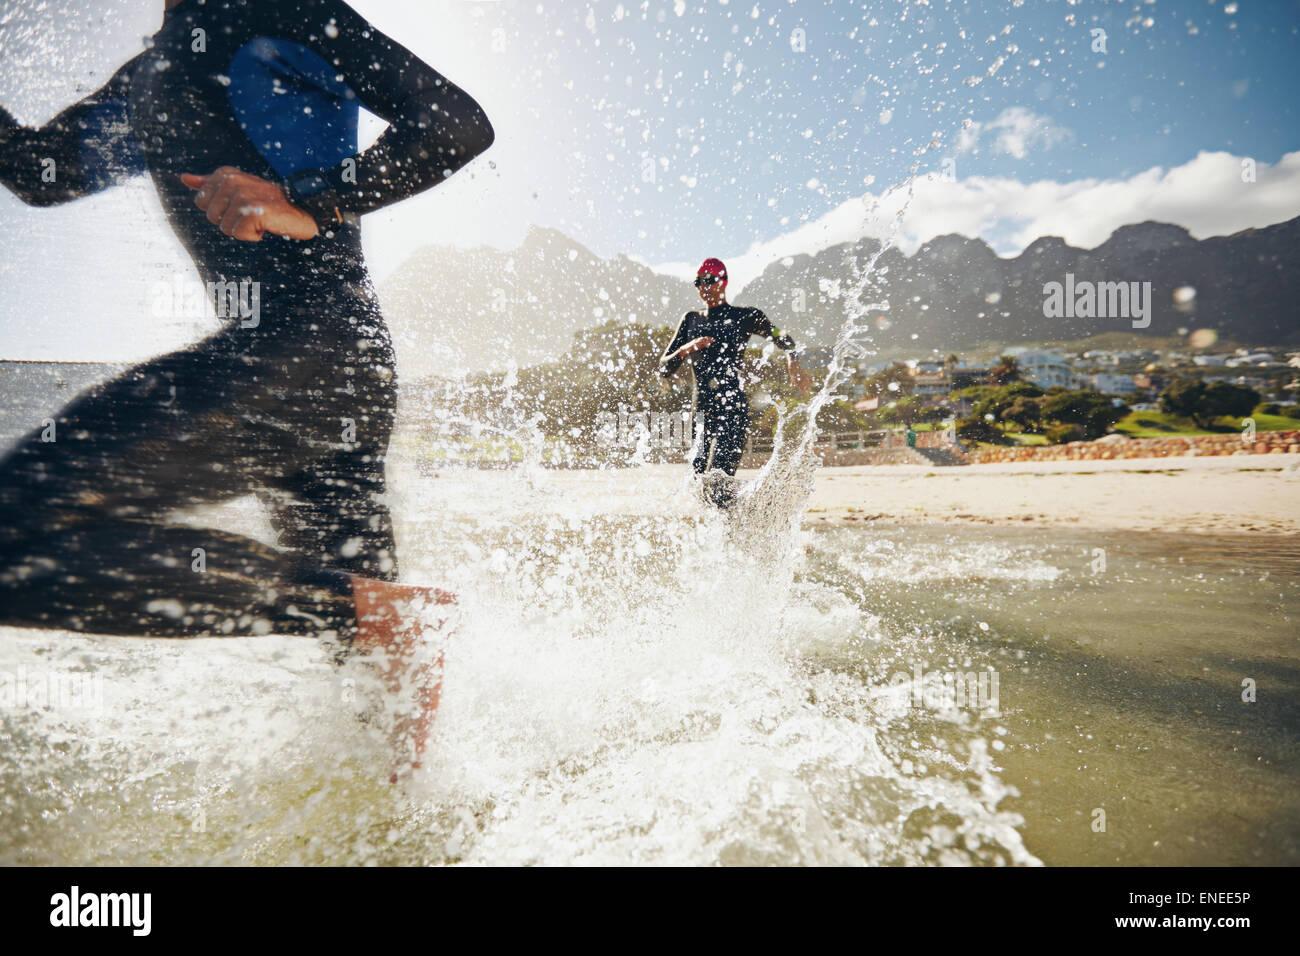 Image de triathlètes se précipiter dans l'eau. Fonctionnement de l'athlète dans l'eau, Photo Stock